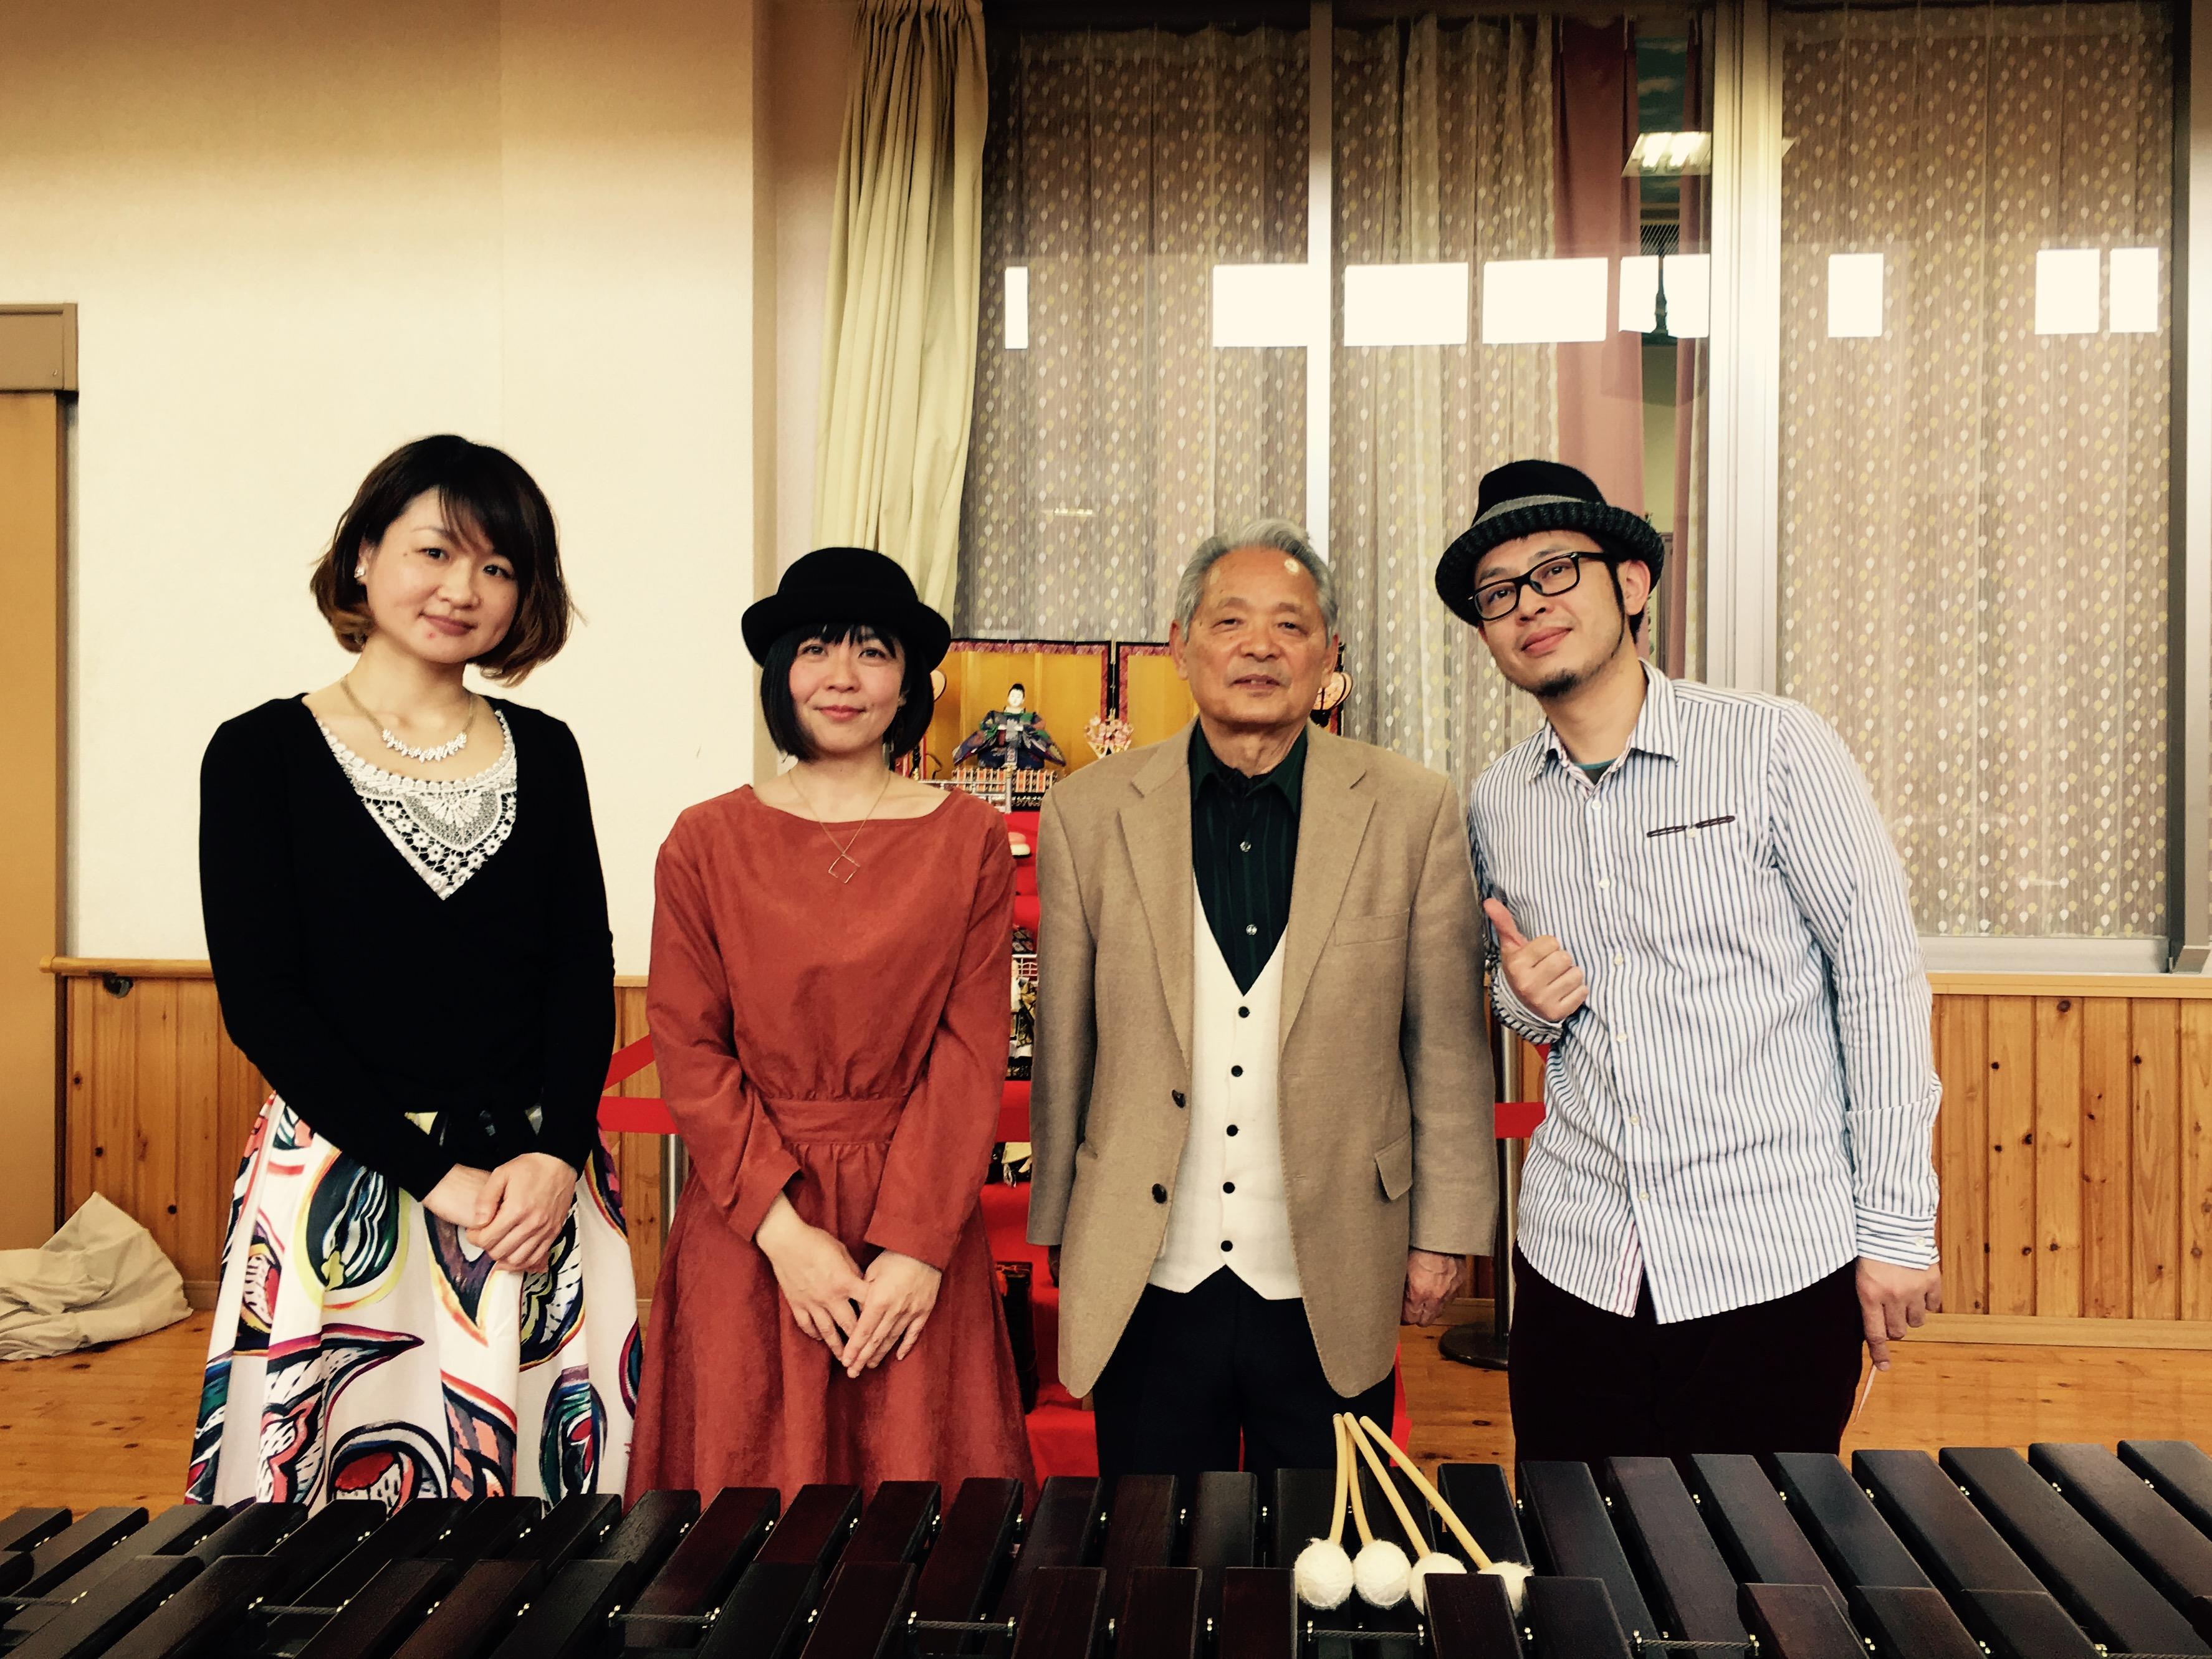 熊本チャリティコンサート(その1)